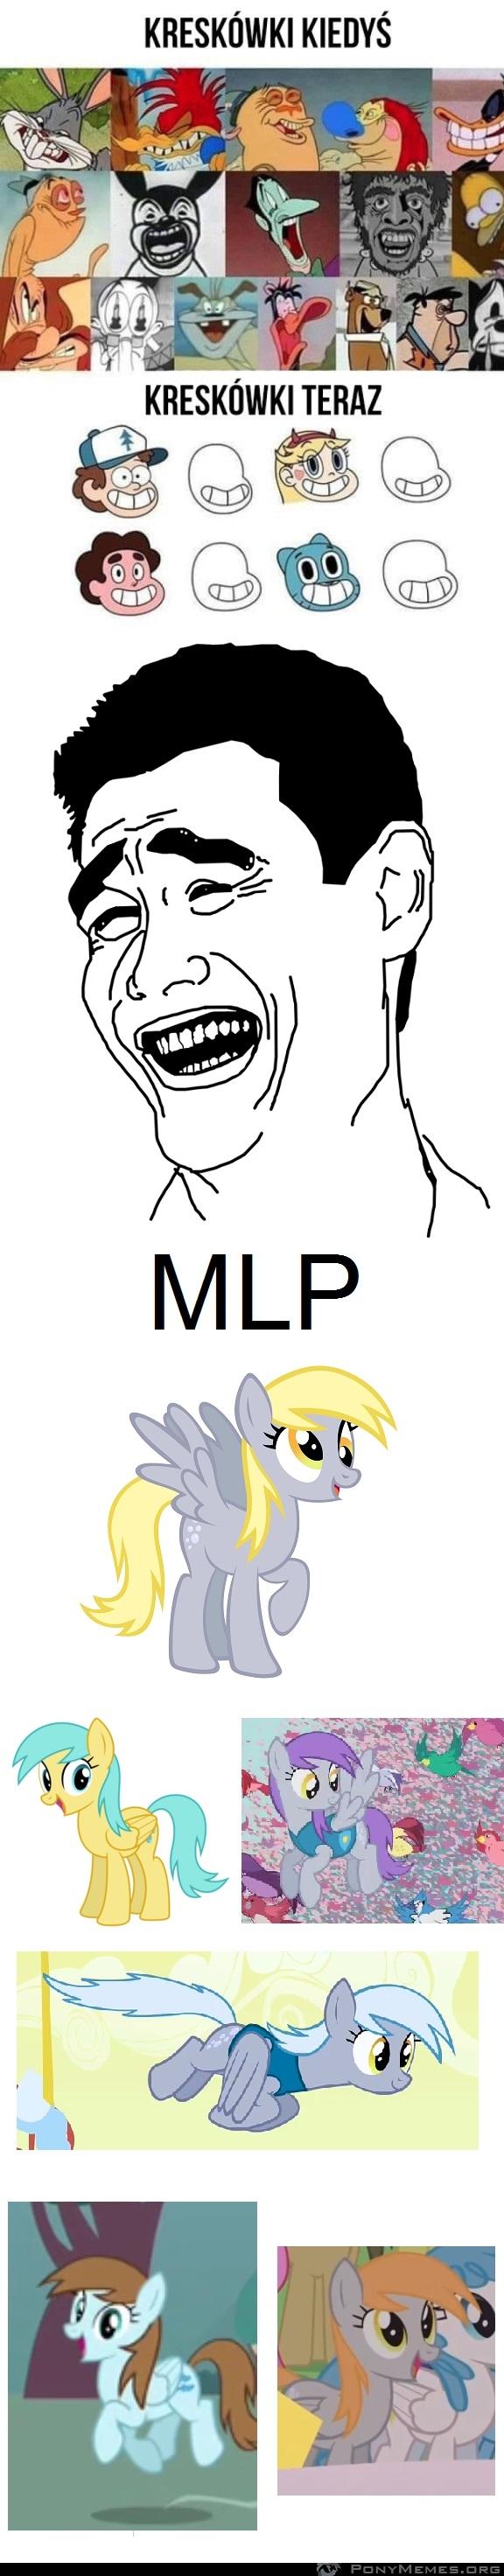 Kreskówki i MLP